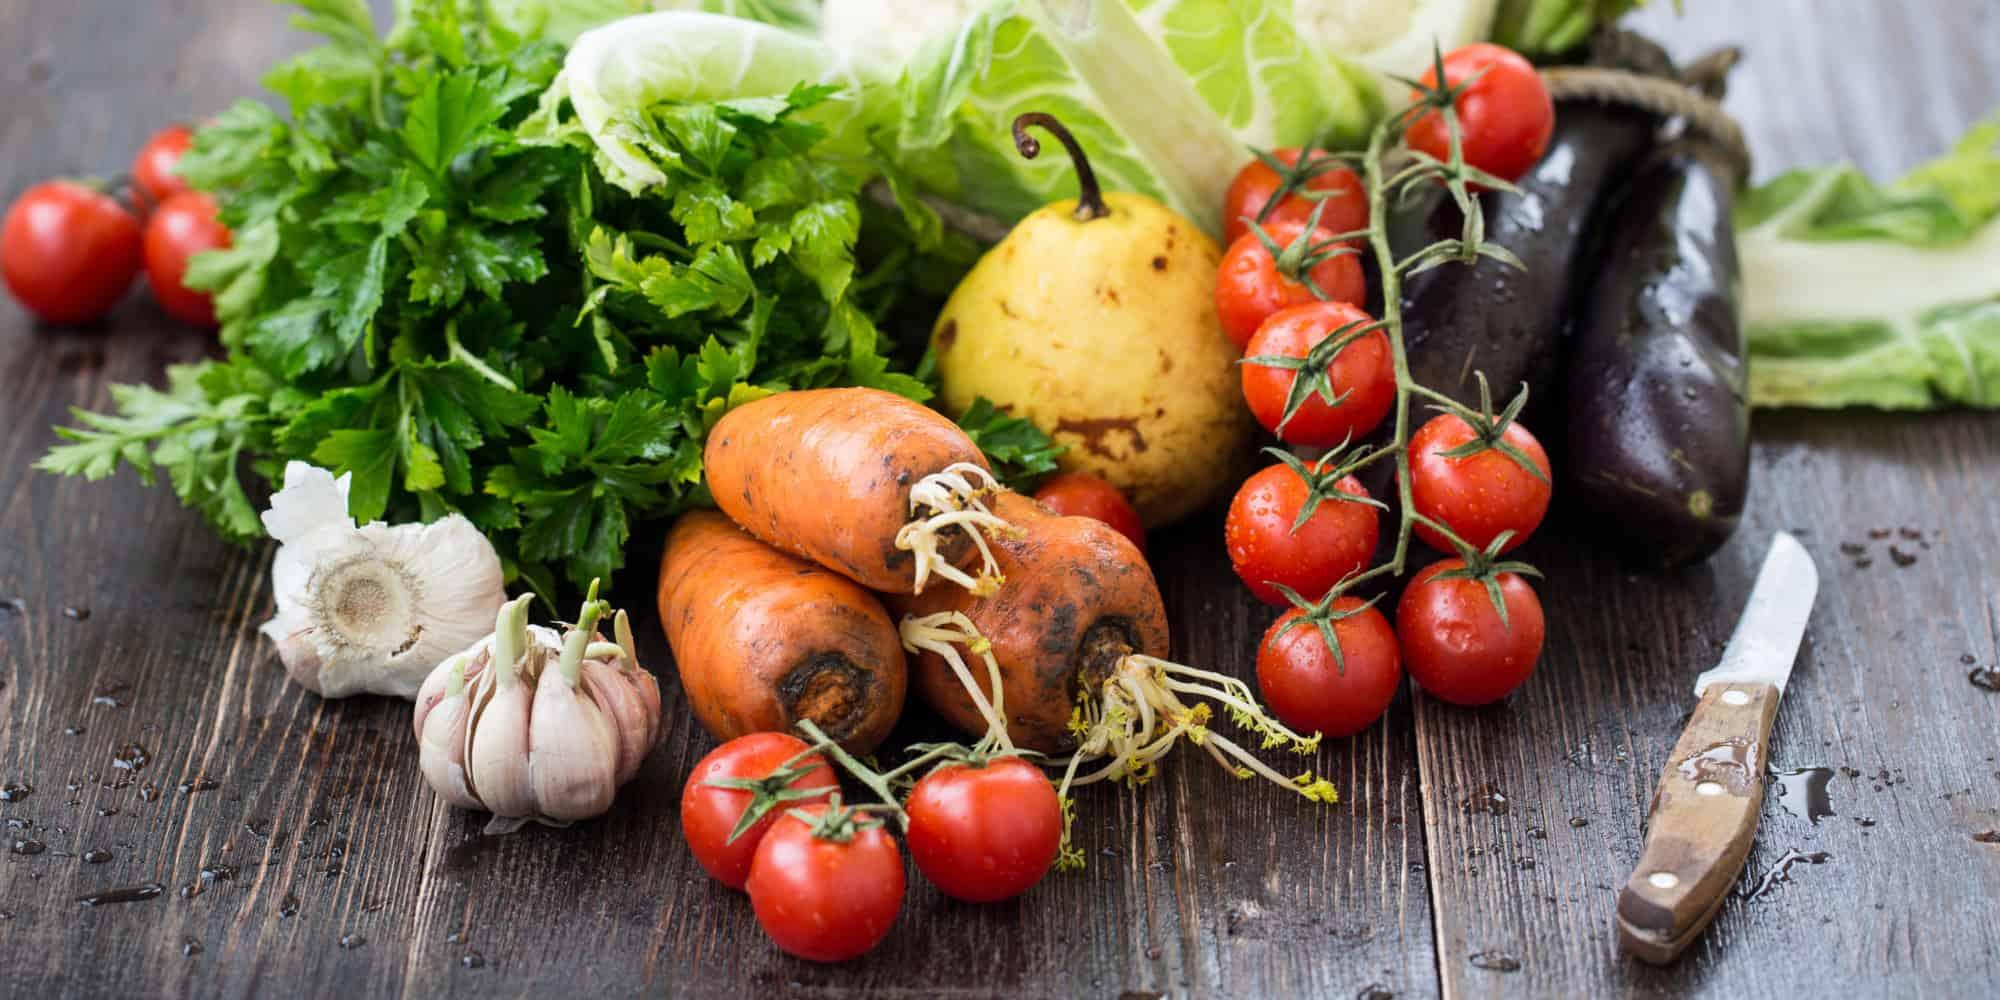 12 nejtoxičtějších druhů ovoce a zeleniny ze supermarketu, které jíte